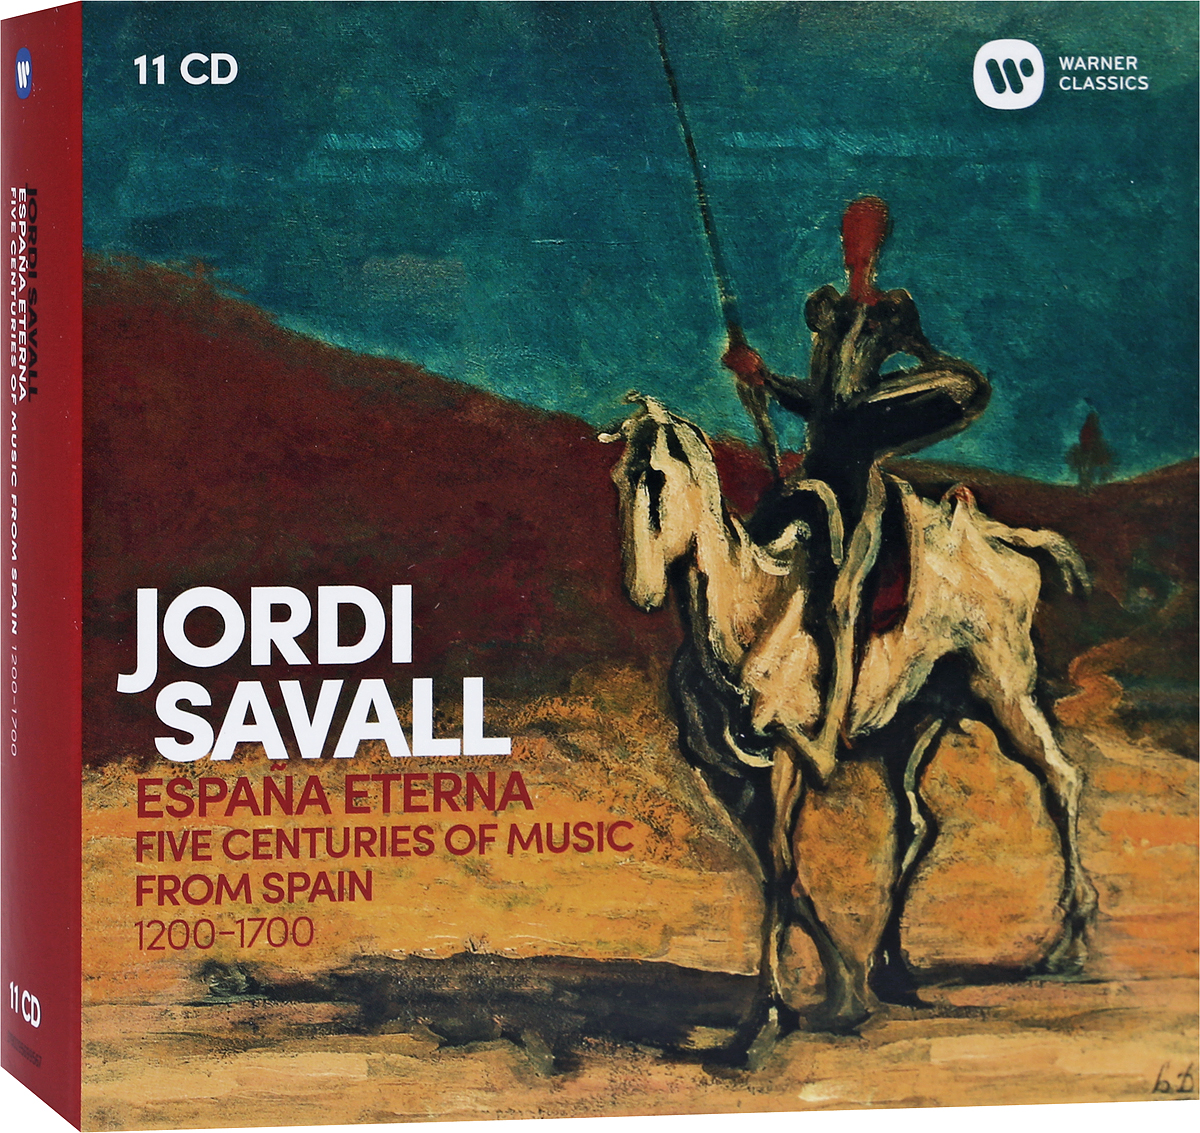 Хорди Саваль Jordi Savall. Espana Eterna (11 CD) набор инструментов oasis набор инструментов мастер 496520 серебристый